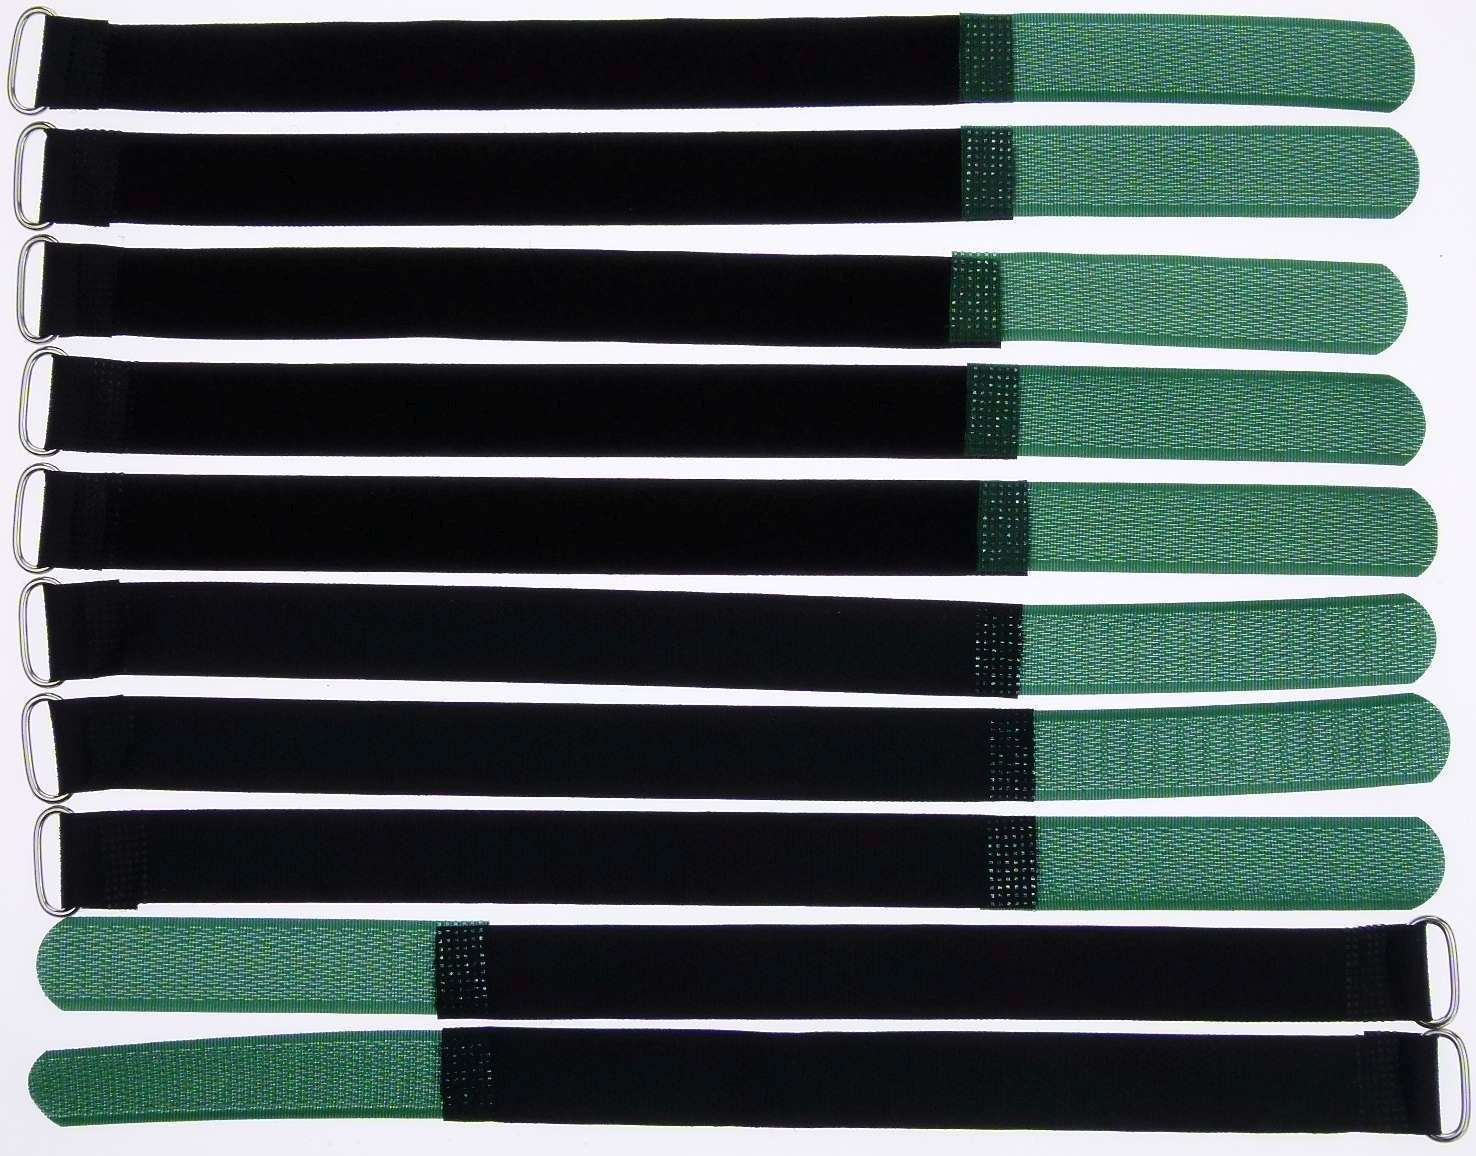 20 x Kabelklett Klettband 200 x 20 mm dunkel grün Klett Kabelbinder Klettbänder